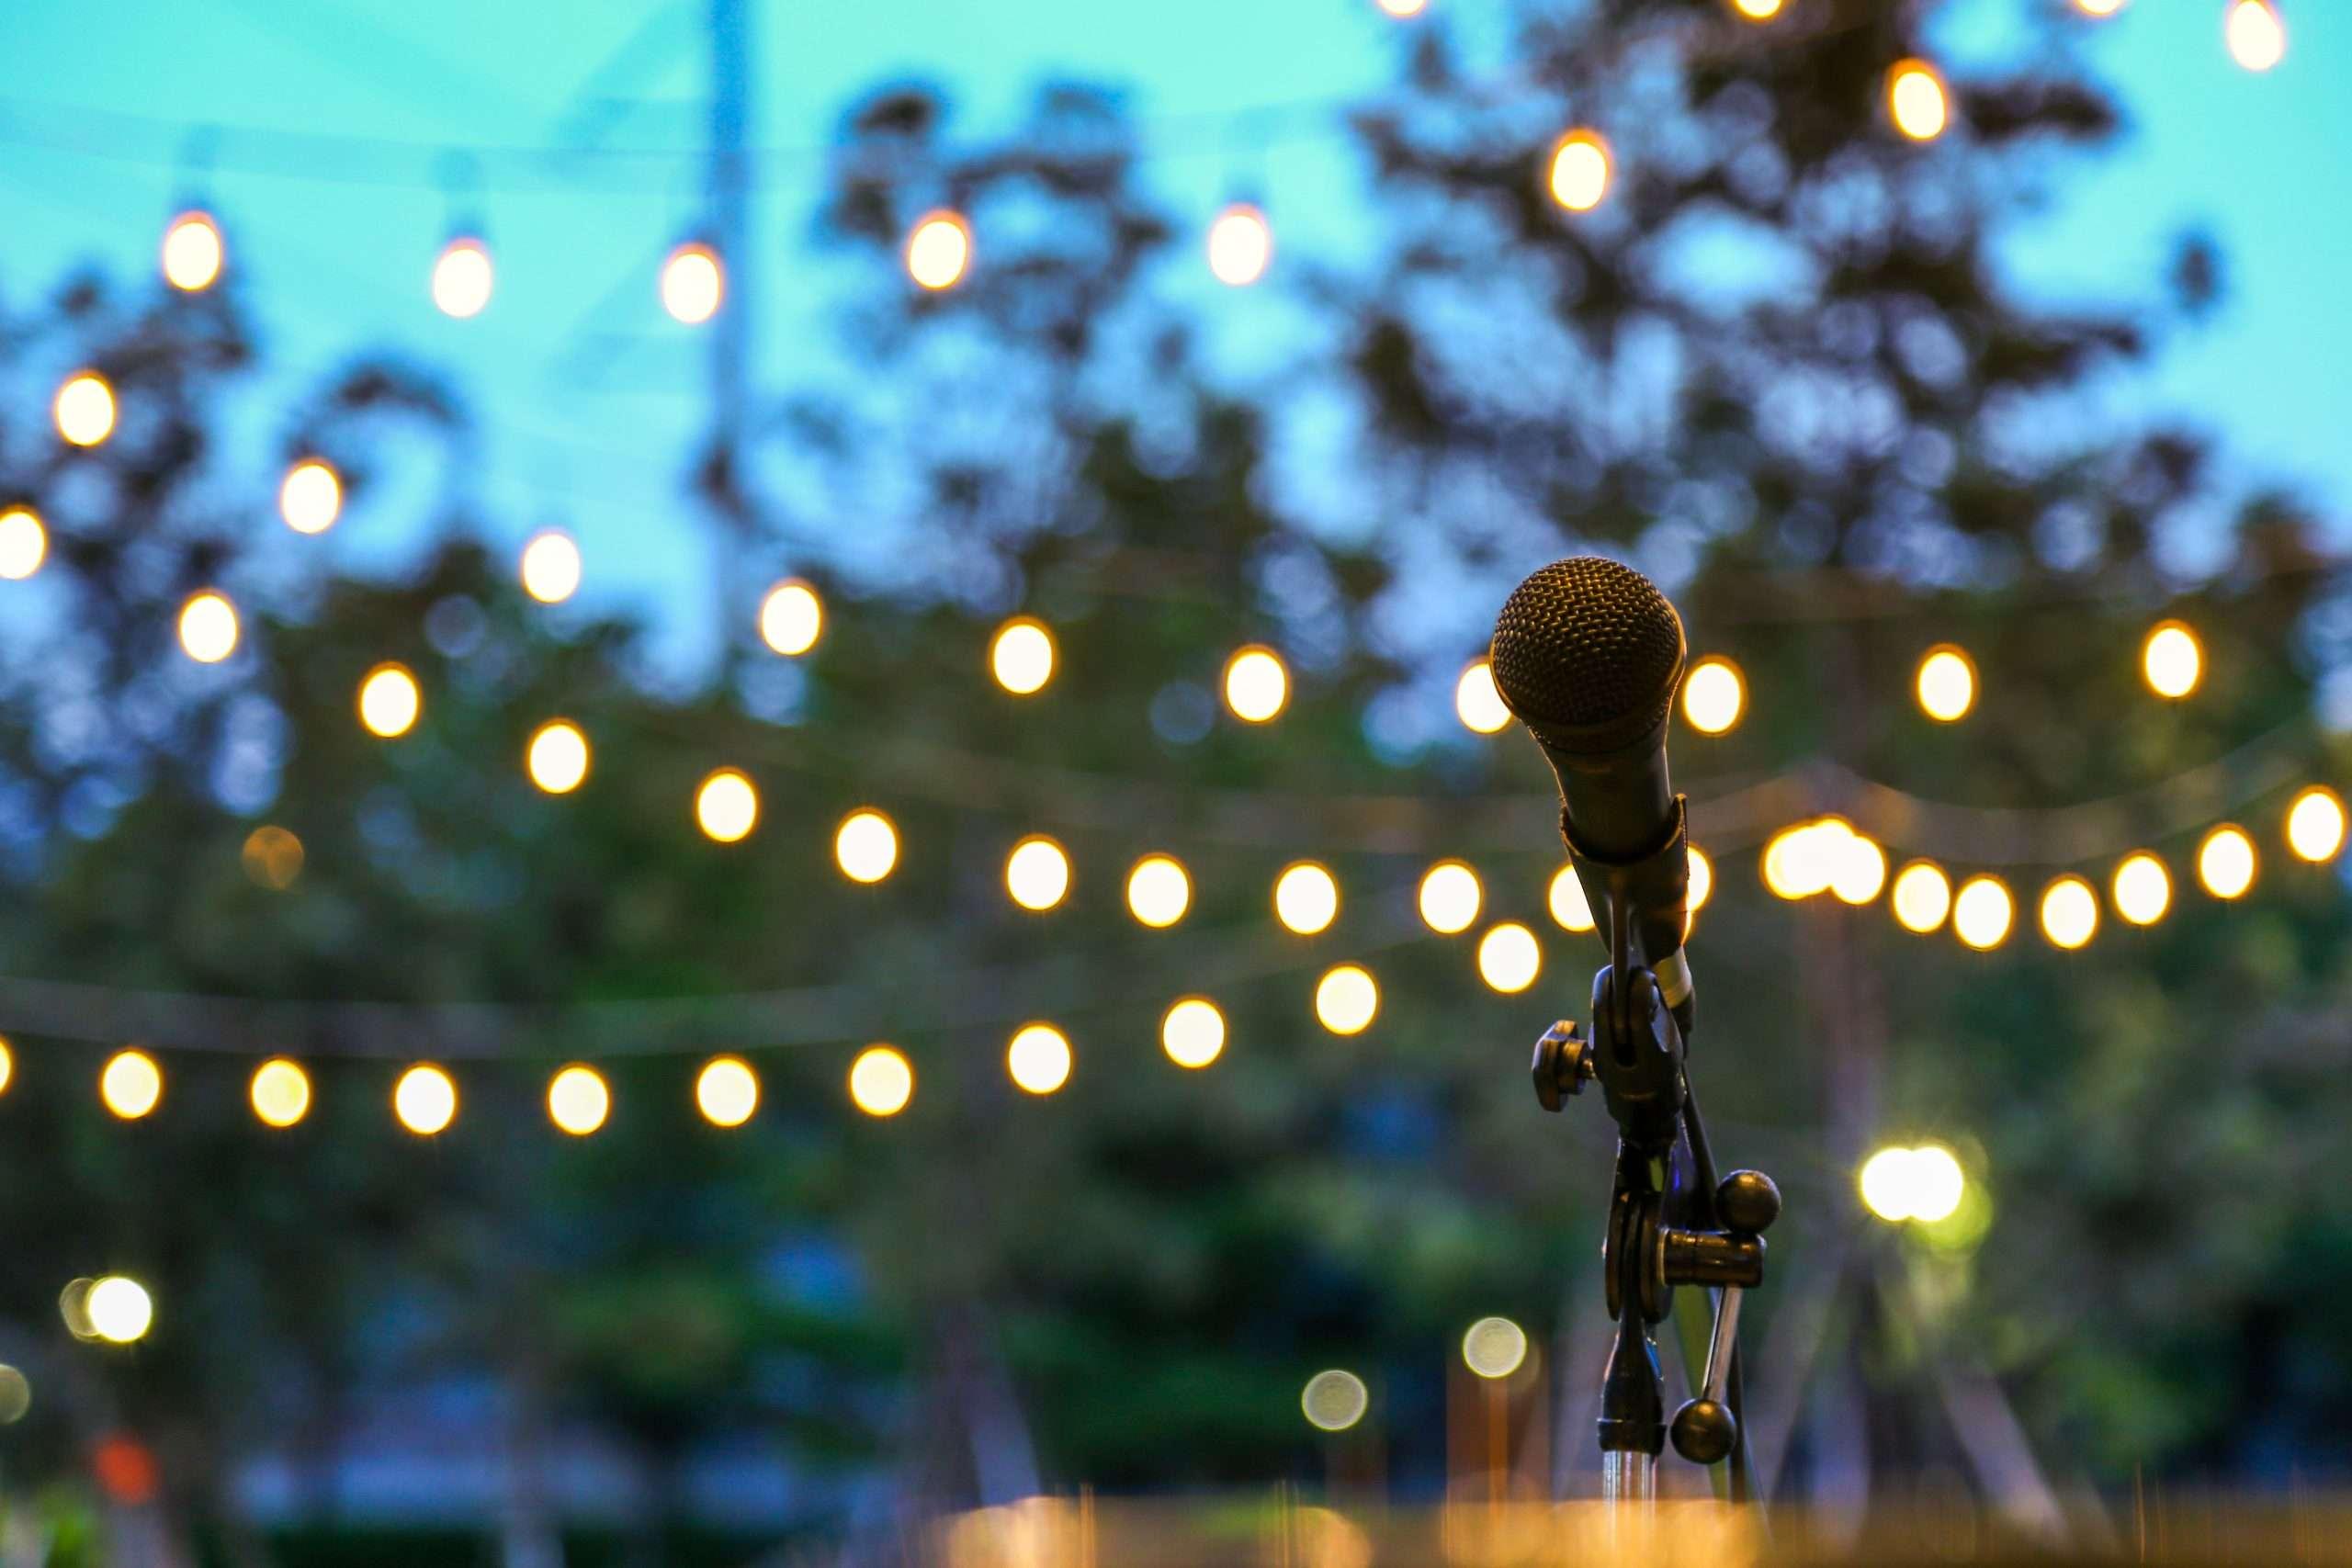 Fête de la musique 2020 : À l'heure de la distanciation sociale